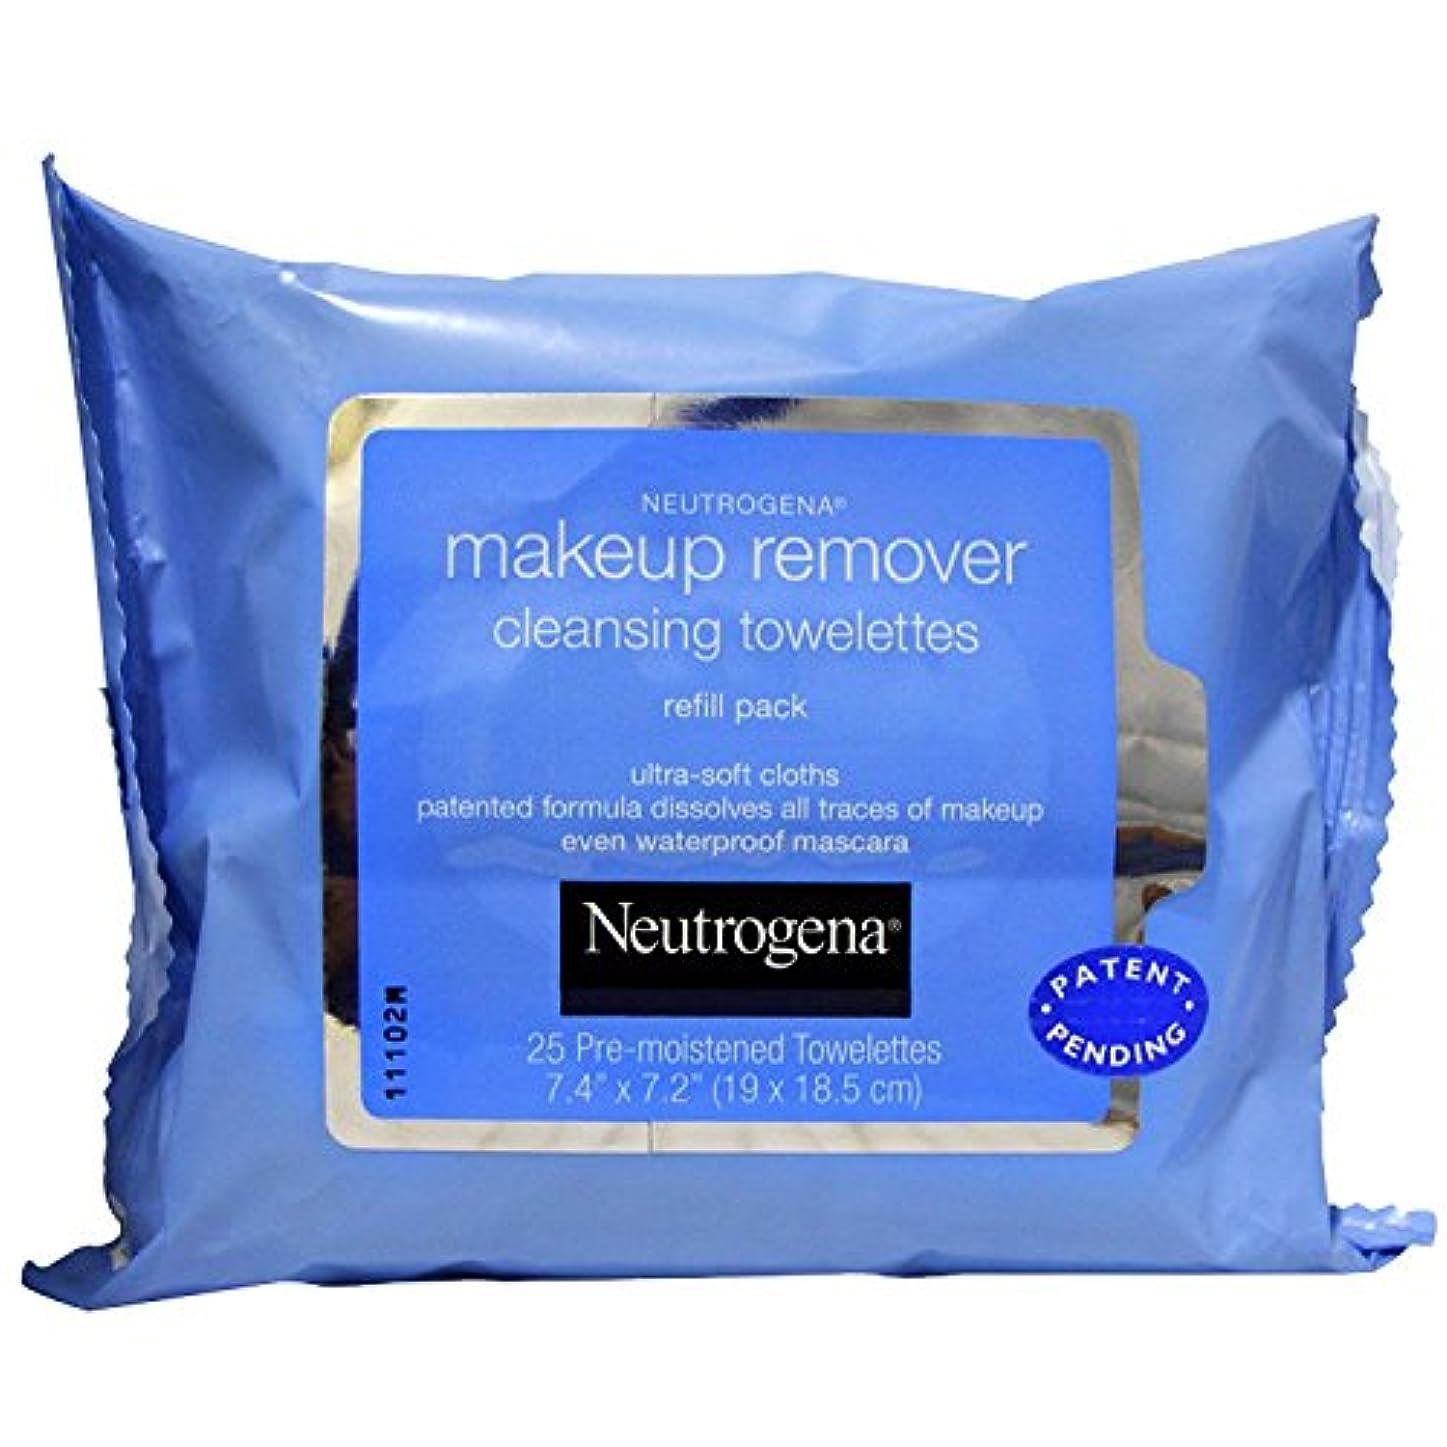 のど甘くする拍車NEUTROGENA Makeup Remover Cleansing Towelettes Refill Pack - 25 Count - 25 Towelettes